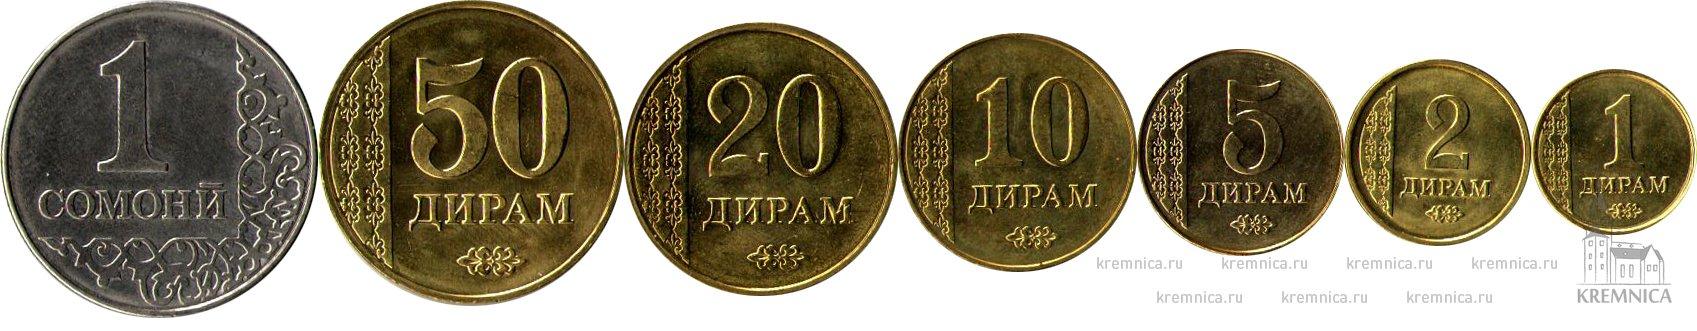 Набор из 7 монет 2011 Таджикистан купить в интернет магазине с доставкой по всей России|Характеристики, лучшая цена, подробная информация|Строгий контроль качества